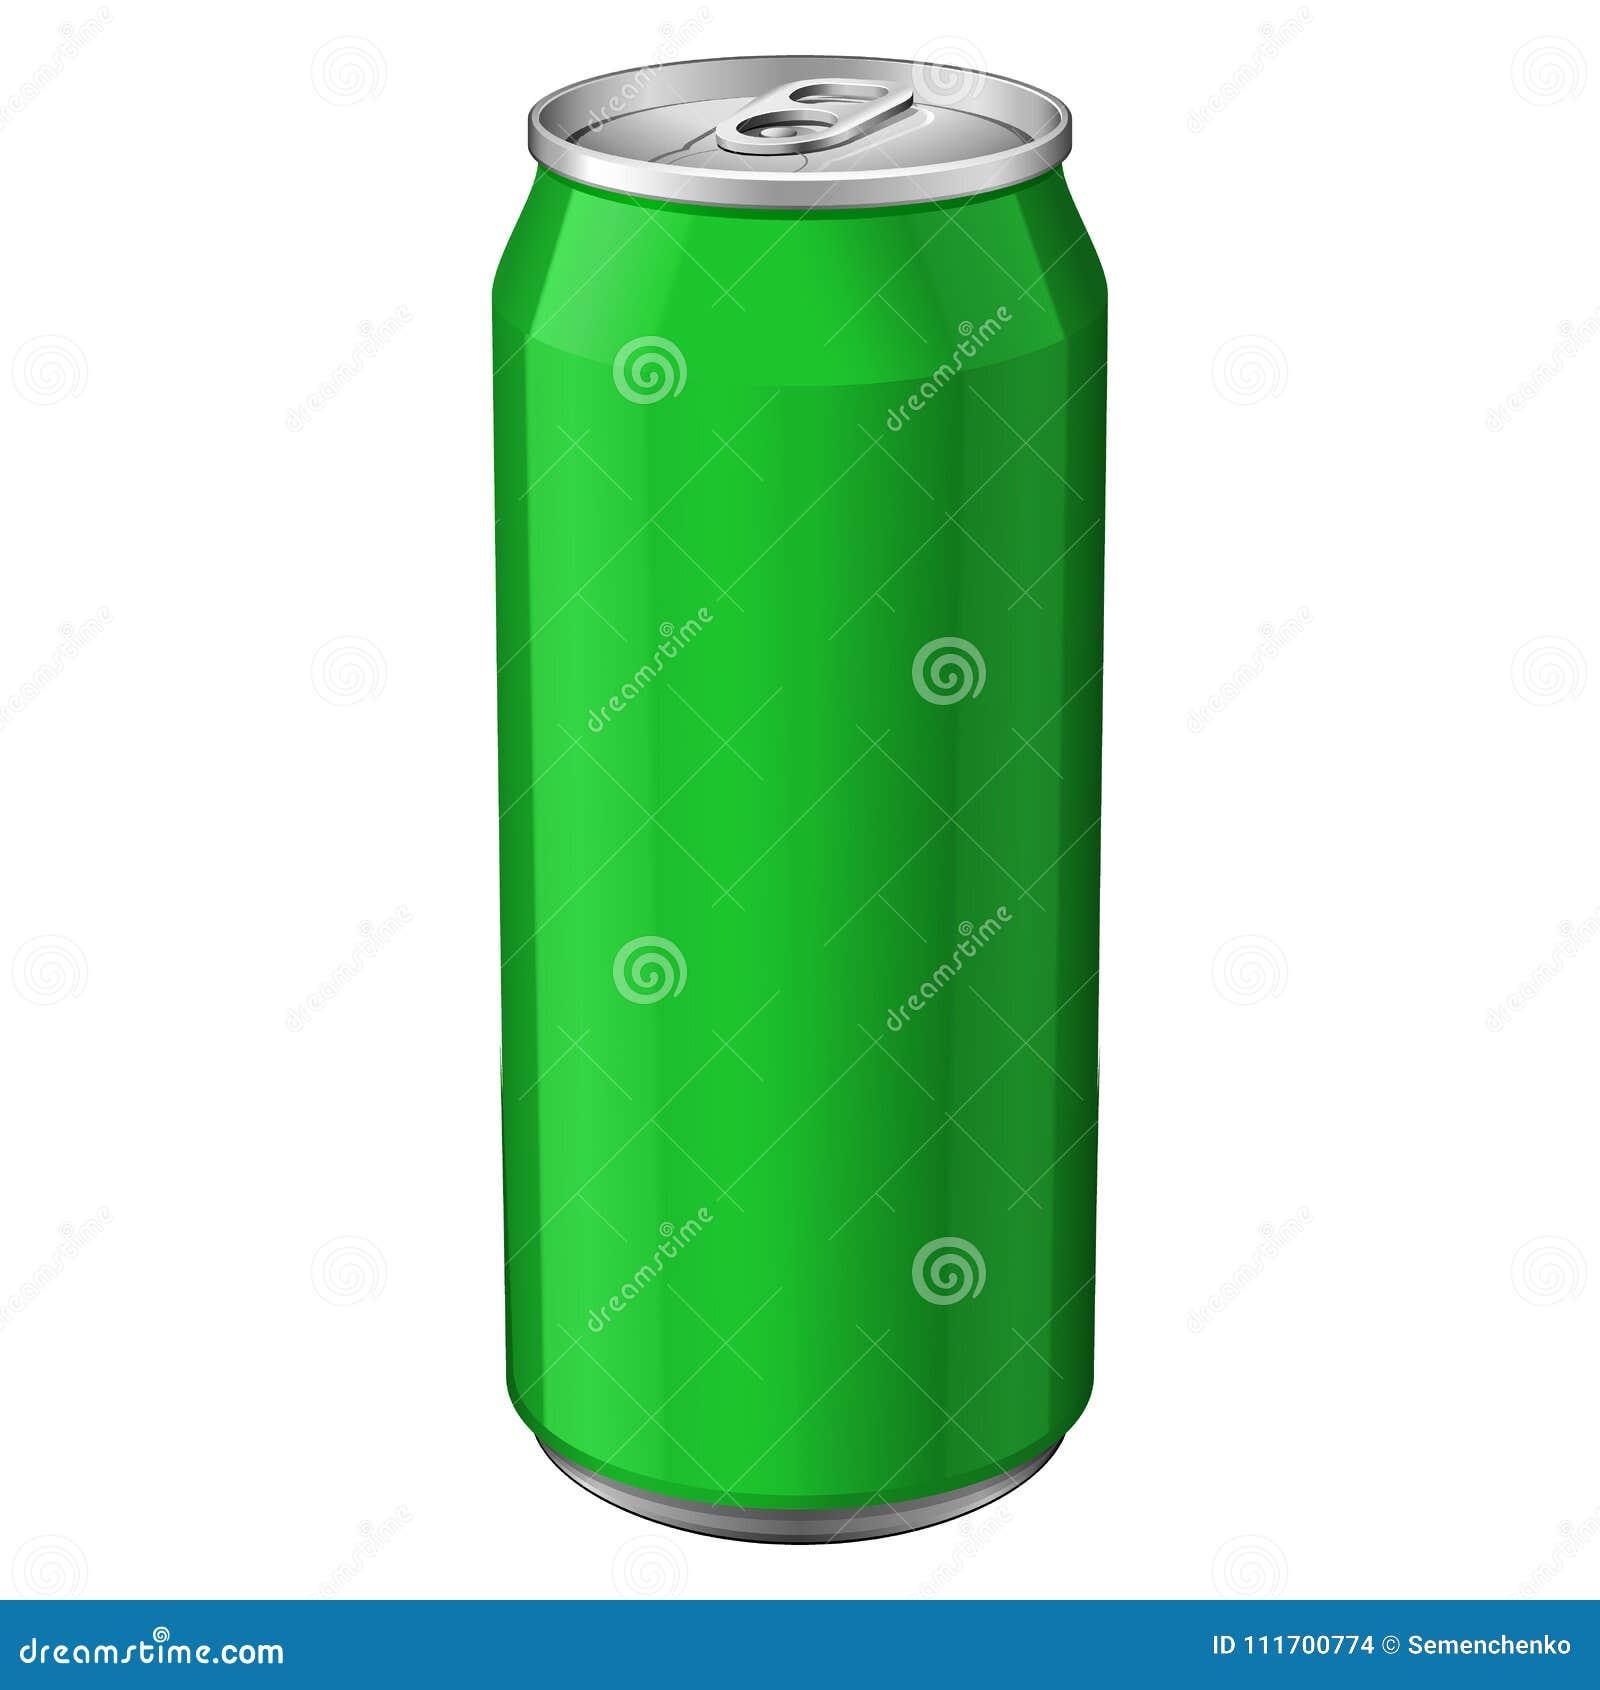 Grünes Metallkann aluminiumgetränkegetränk 330ml Bereiten Sie für Ihre Auslegung vor Produkt-Verpackungs-Vektor